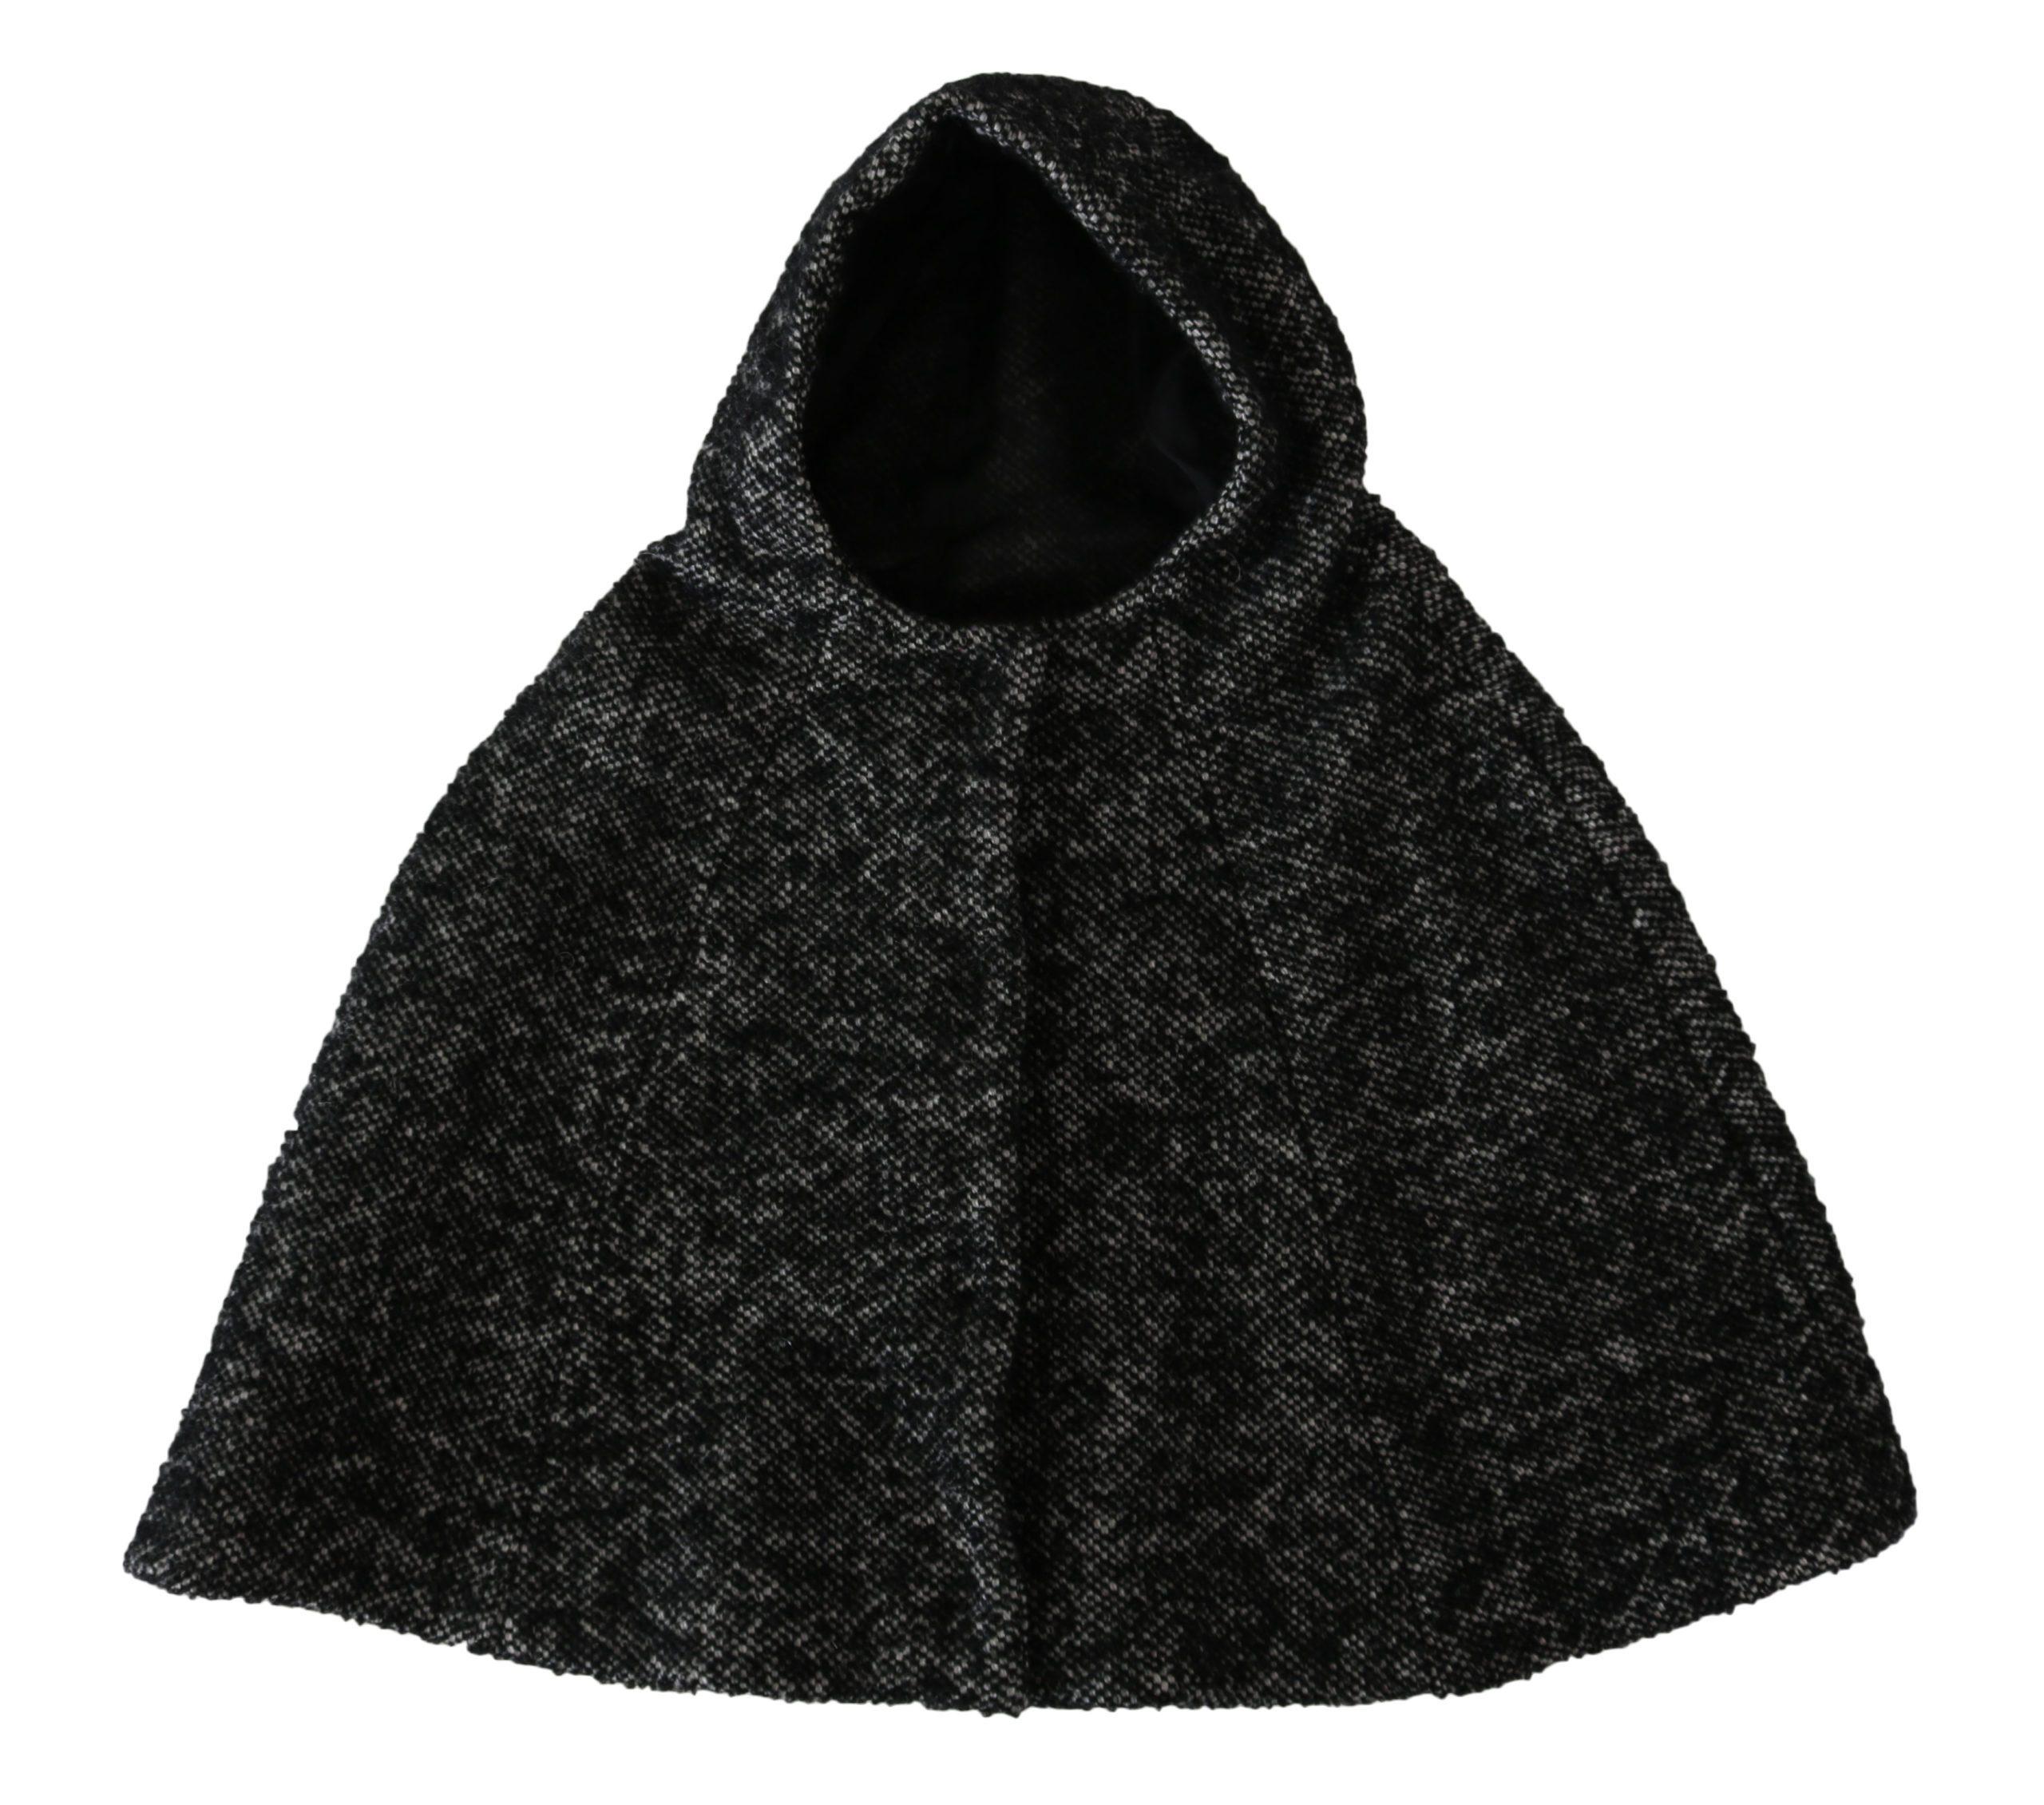 Dolce & Gabbana Women's Tweet Wool Shoulder Hooded Hat Gray TSH4233 - 57 cm|S